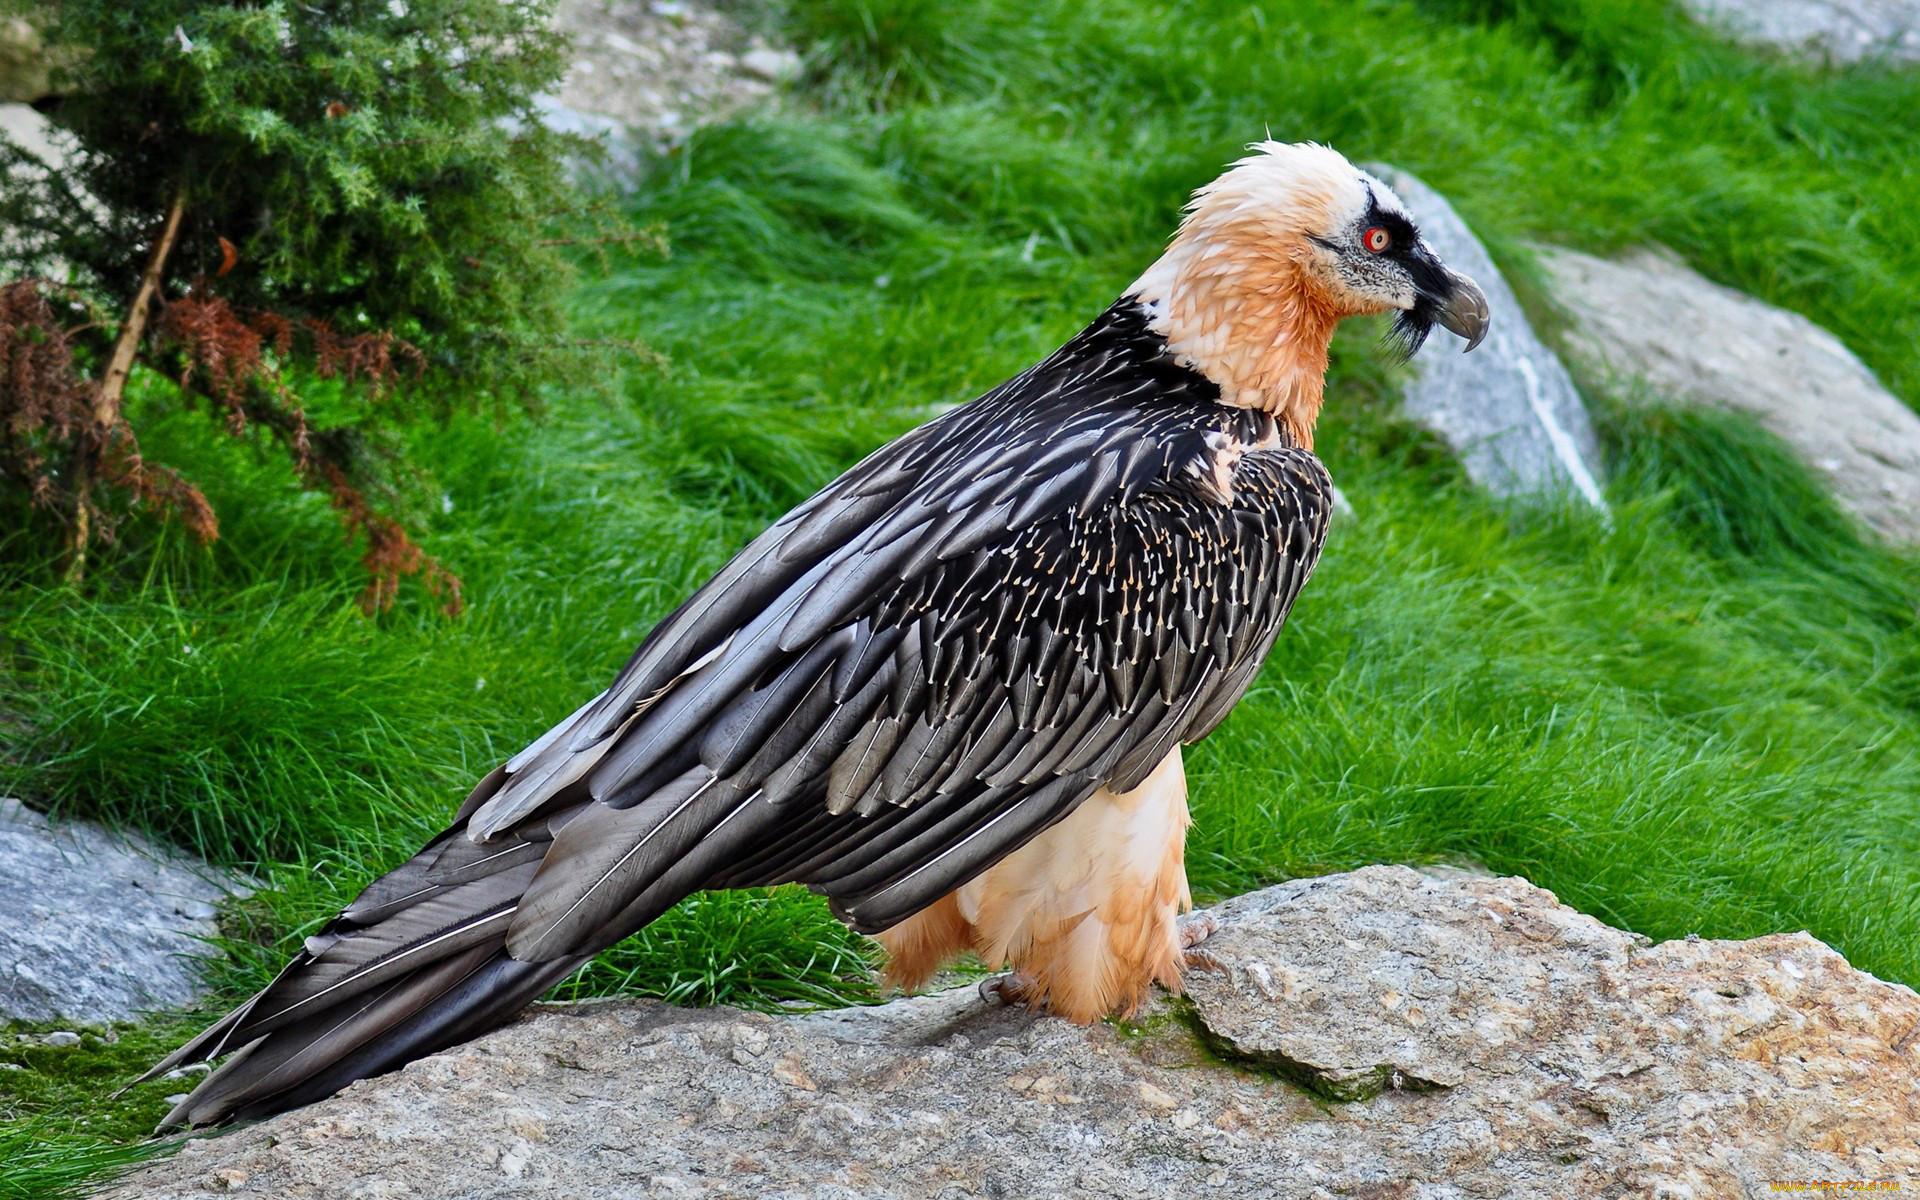 птицы и животный мир европы фото для любителей быстрых